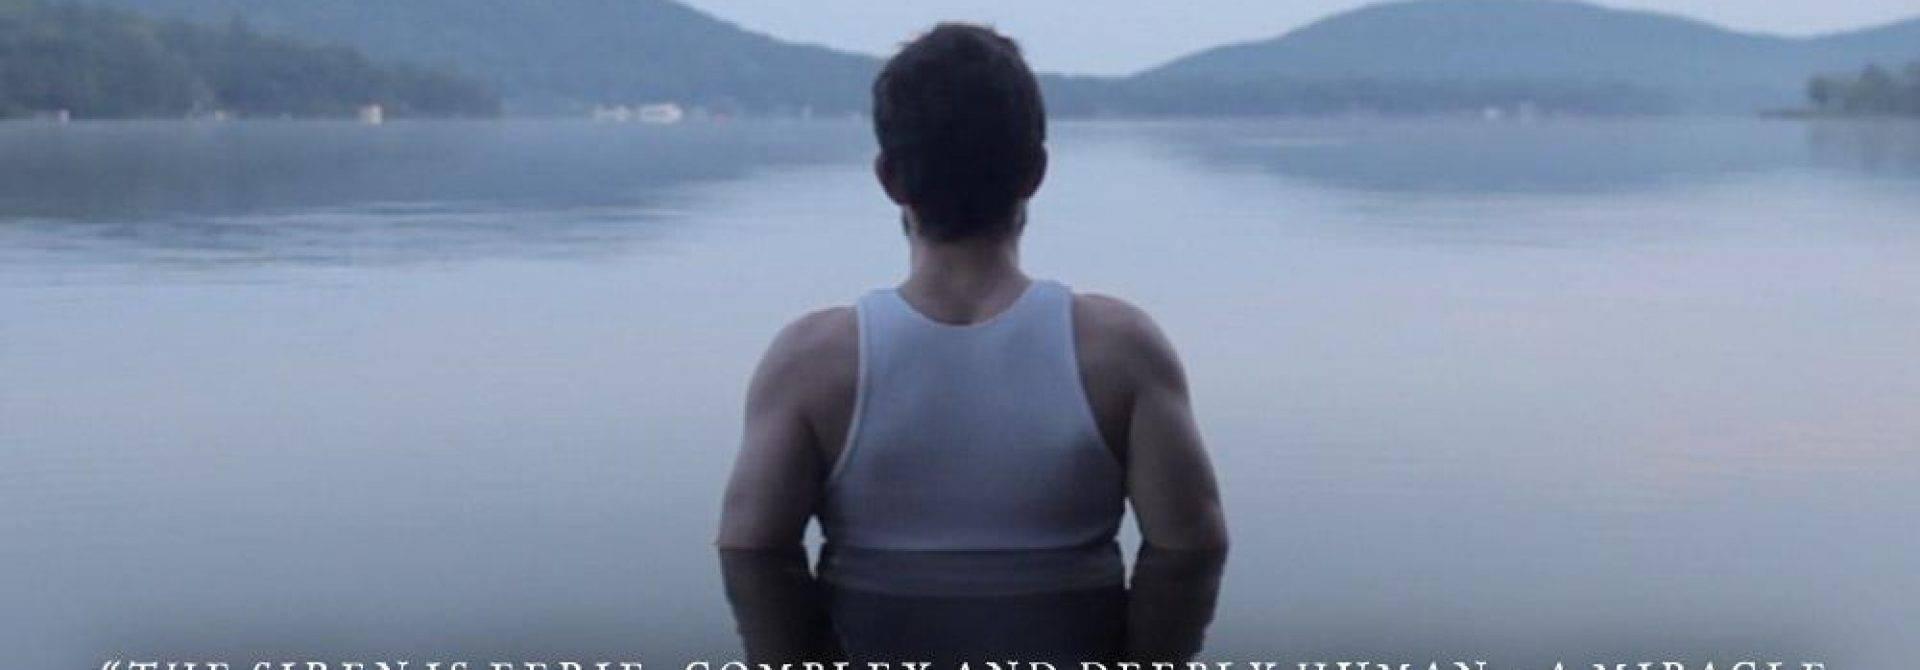 Dark Sky Brings THE SIREN to Digital & DVD 1/28